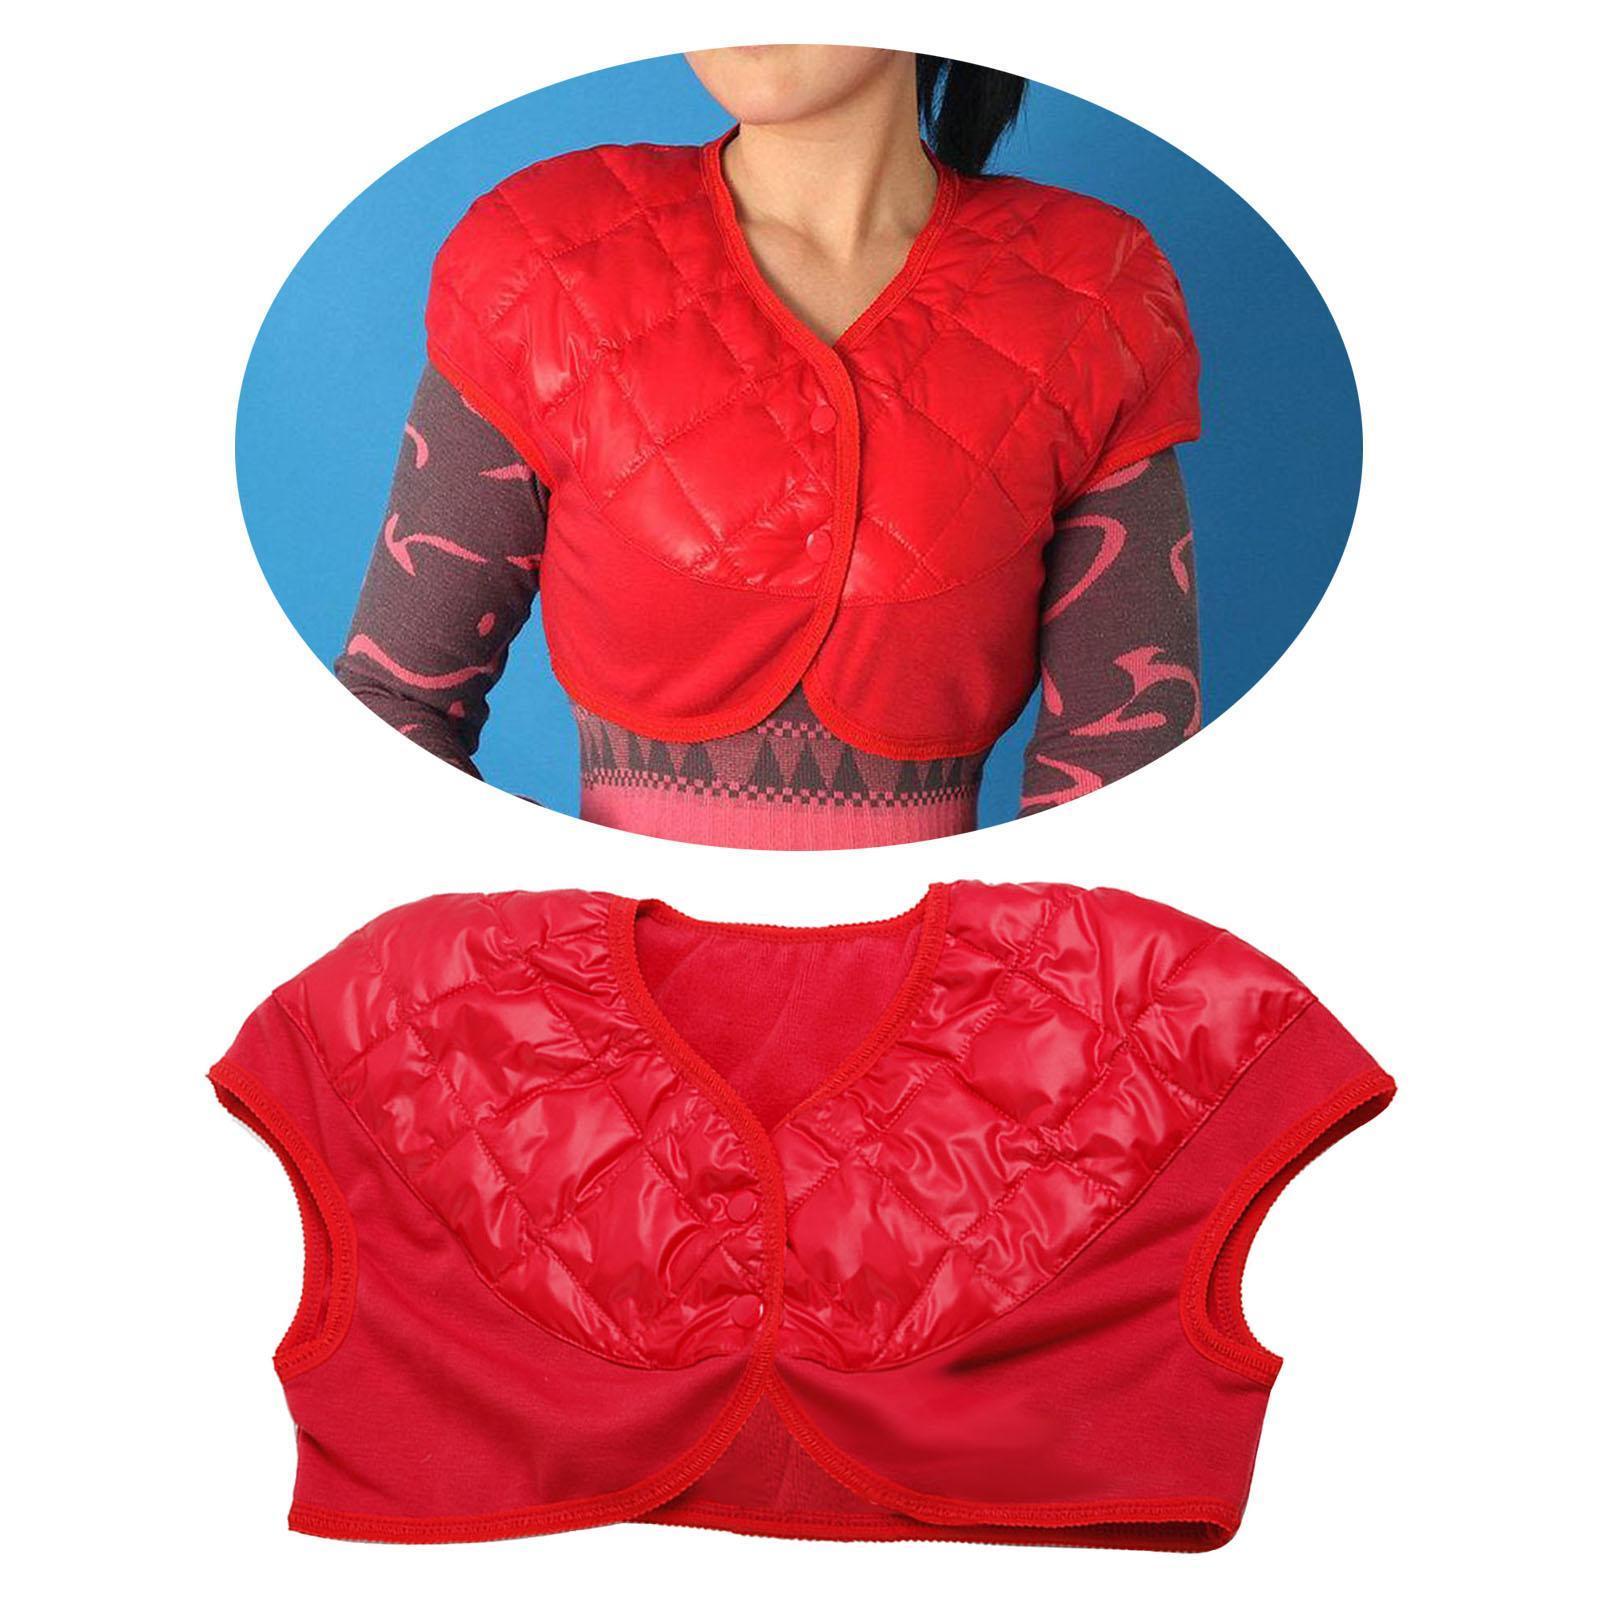 Femmes-Hommes-Down-Jacket-Chaud-Manteau-Court-Epaule-Chaud-Thermique-Wrap miniatura 56